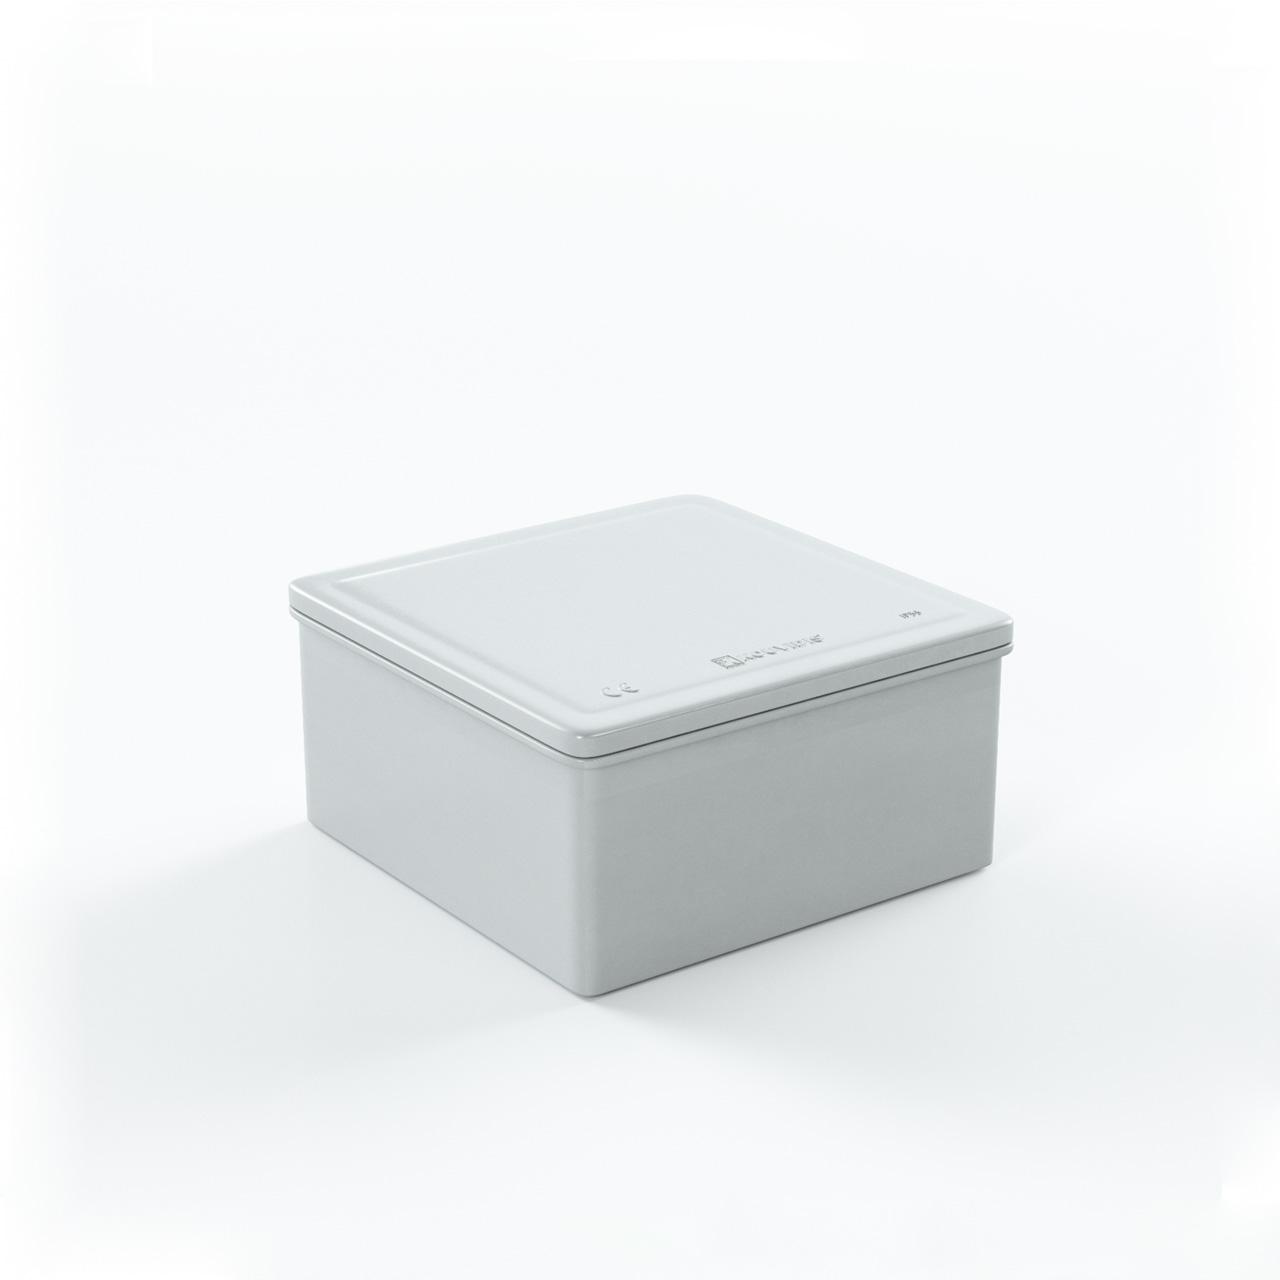 Τετράγωνο Κουτί Διακ/Σεως Condur Χωρίς Τάπες Φ16